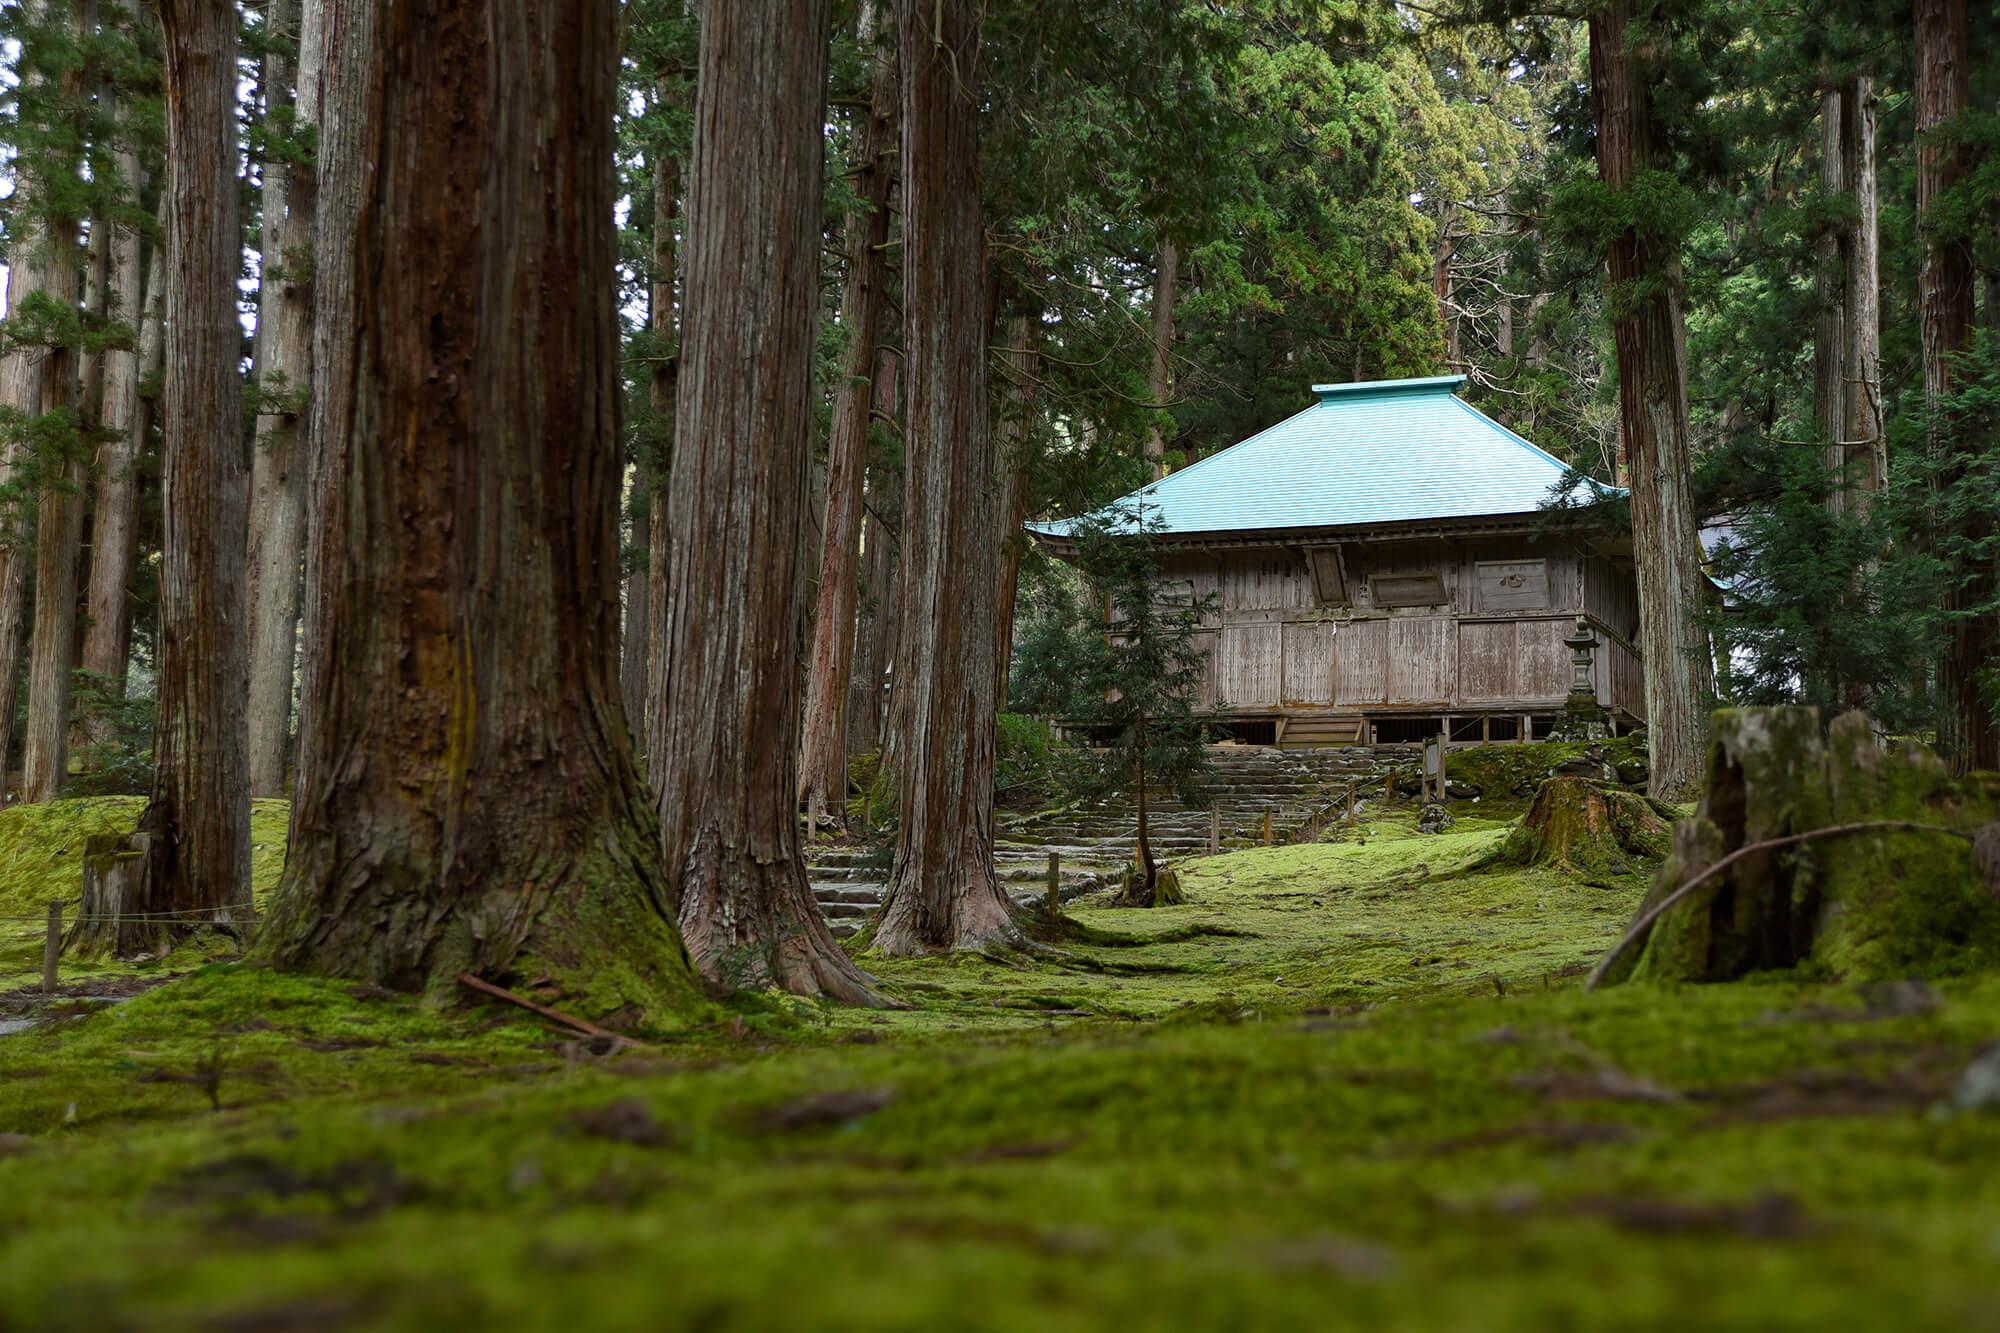 フォトスポットが満載!!一面を苔に覆われた美しさ神秘の苔寺